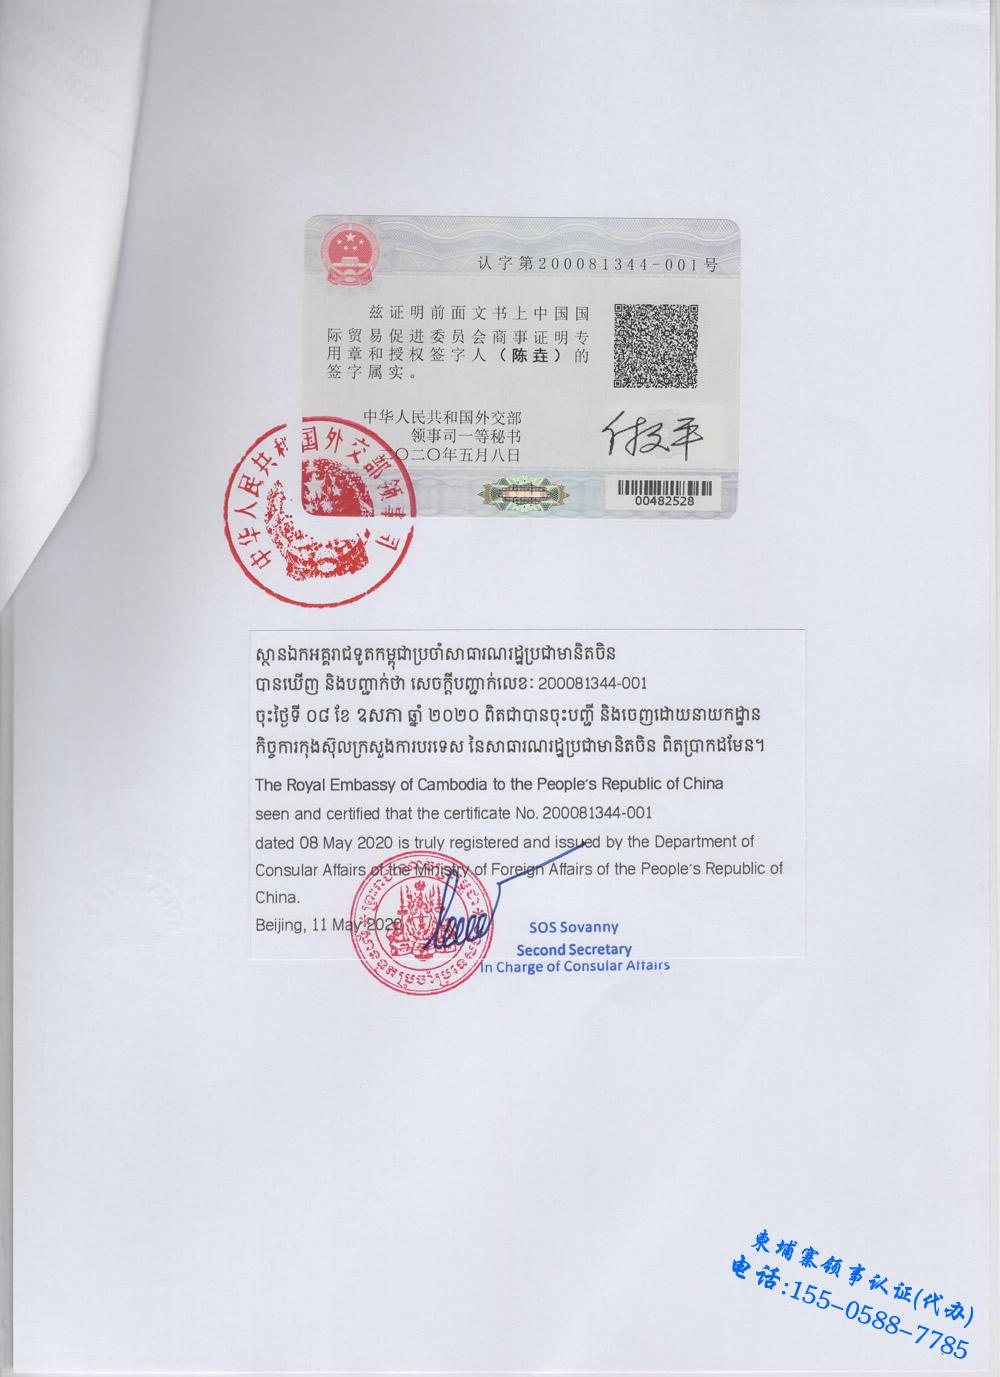 柬埔寨领事认证